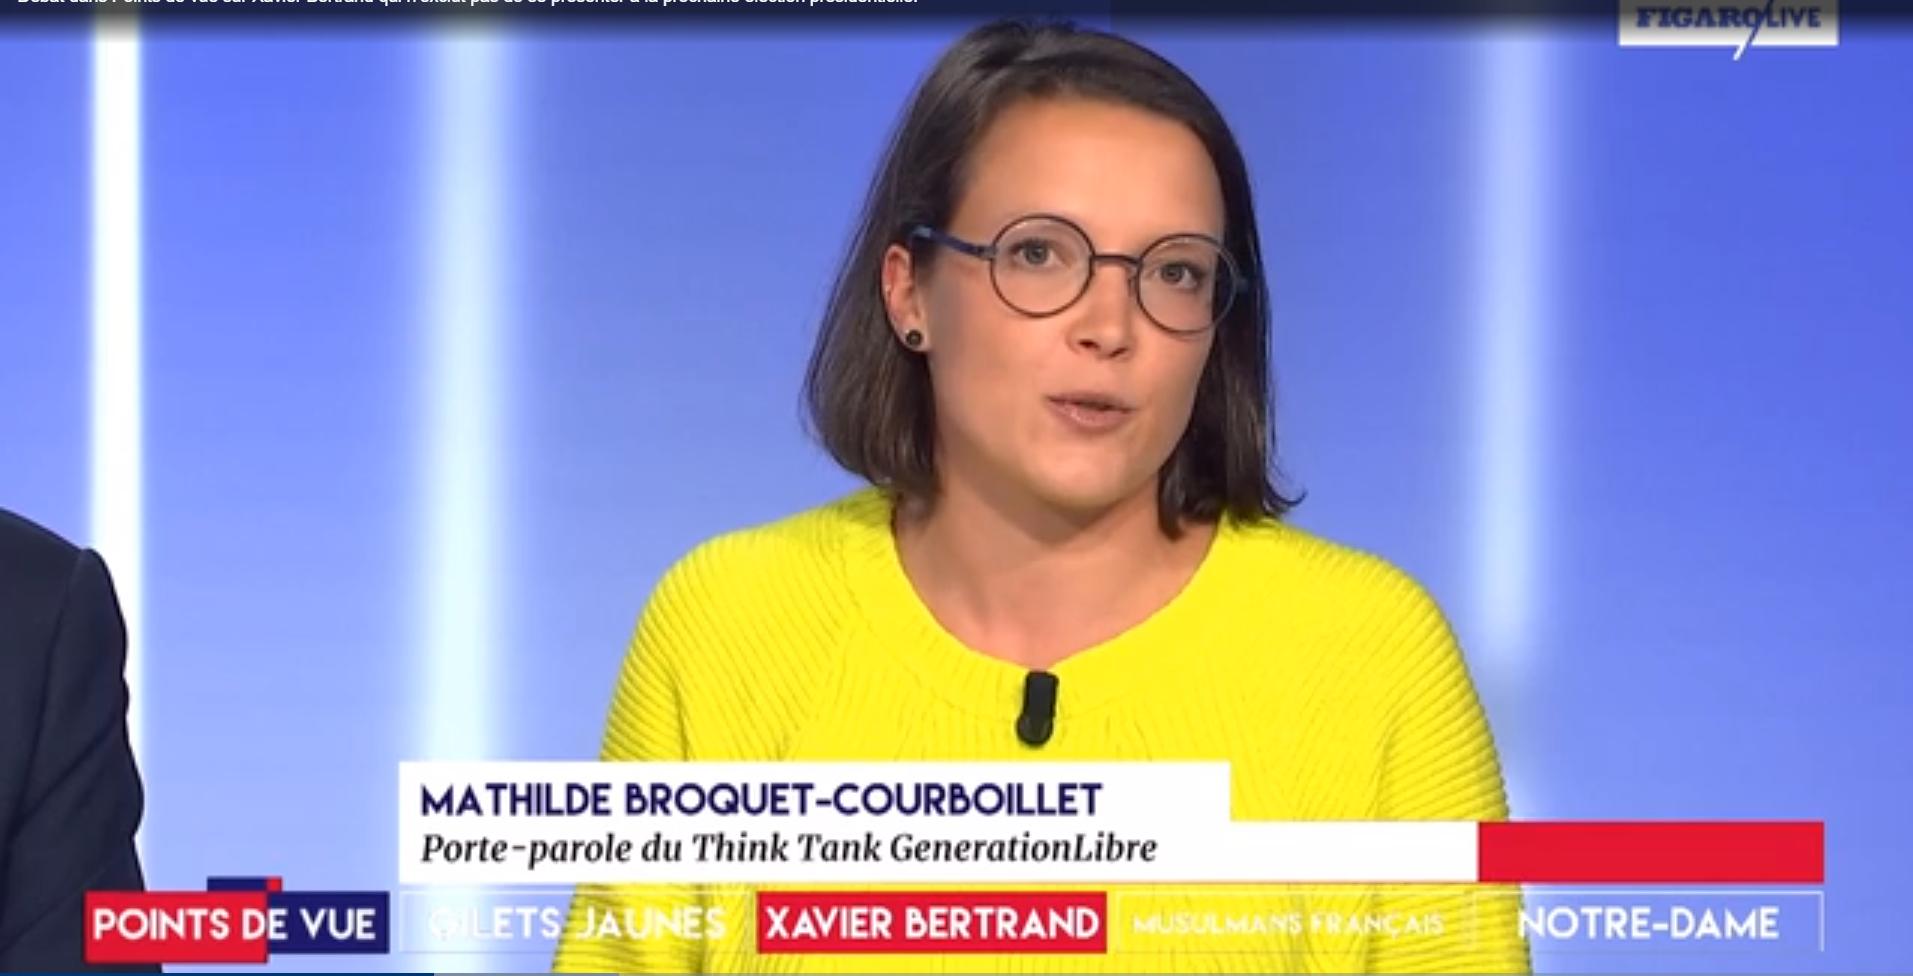 Mathilde voit jaune